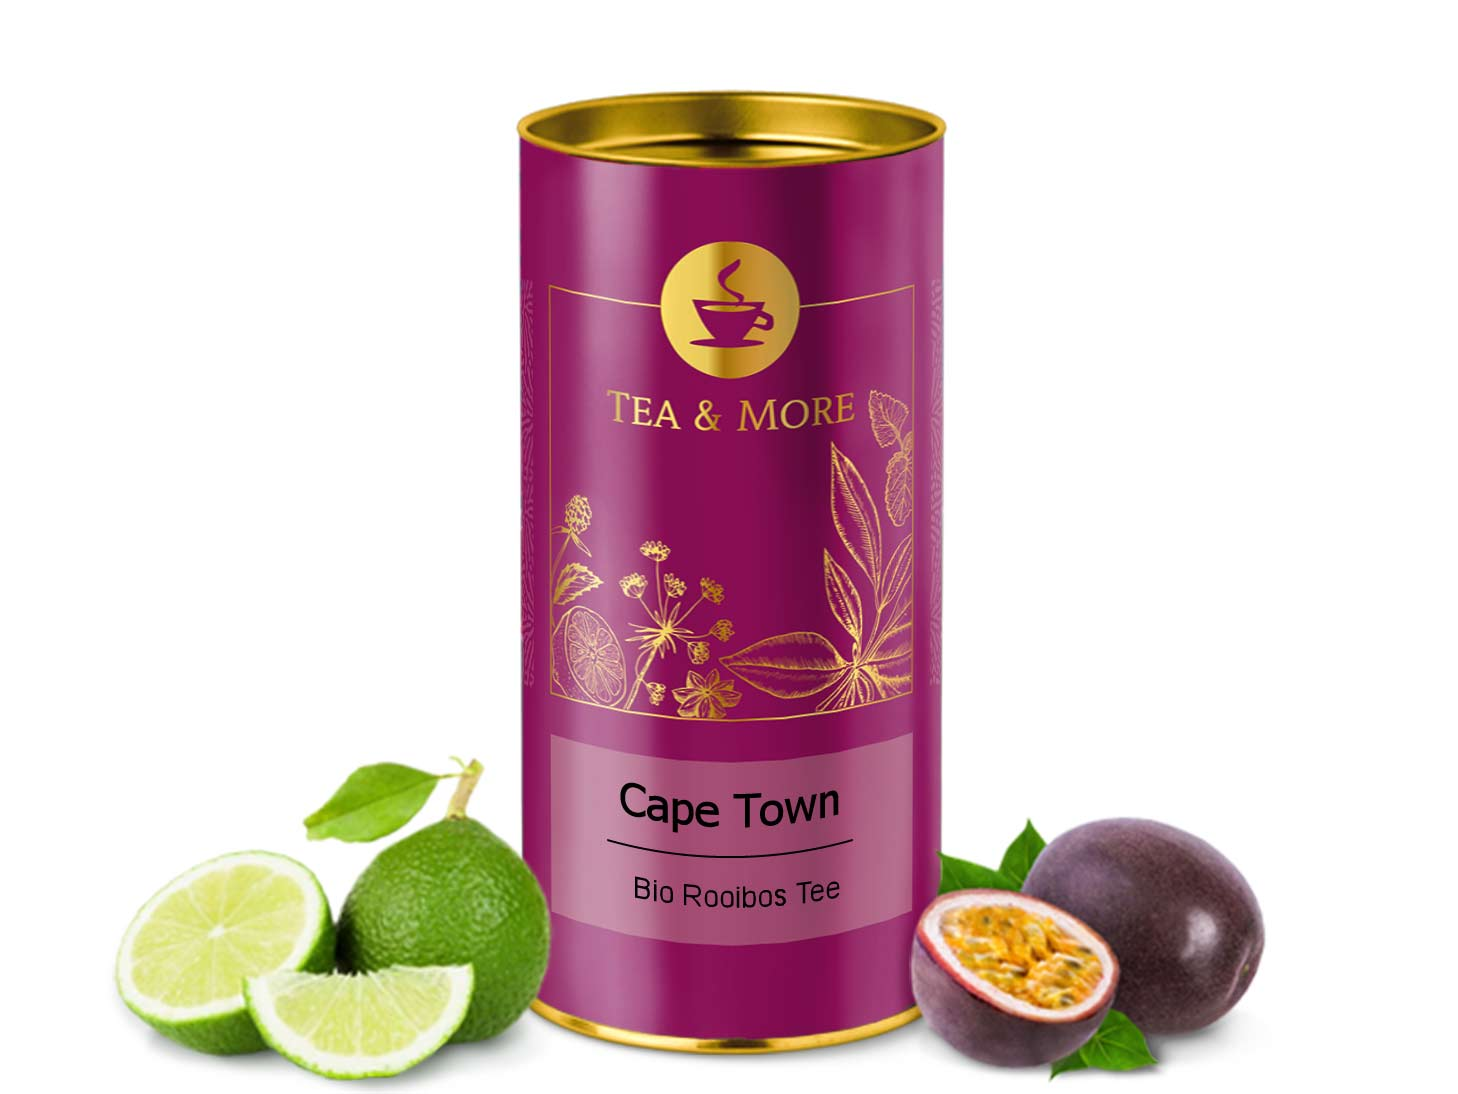 Cape Town (Bio)